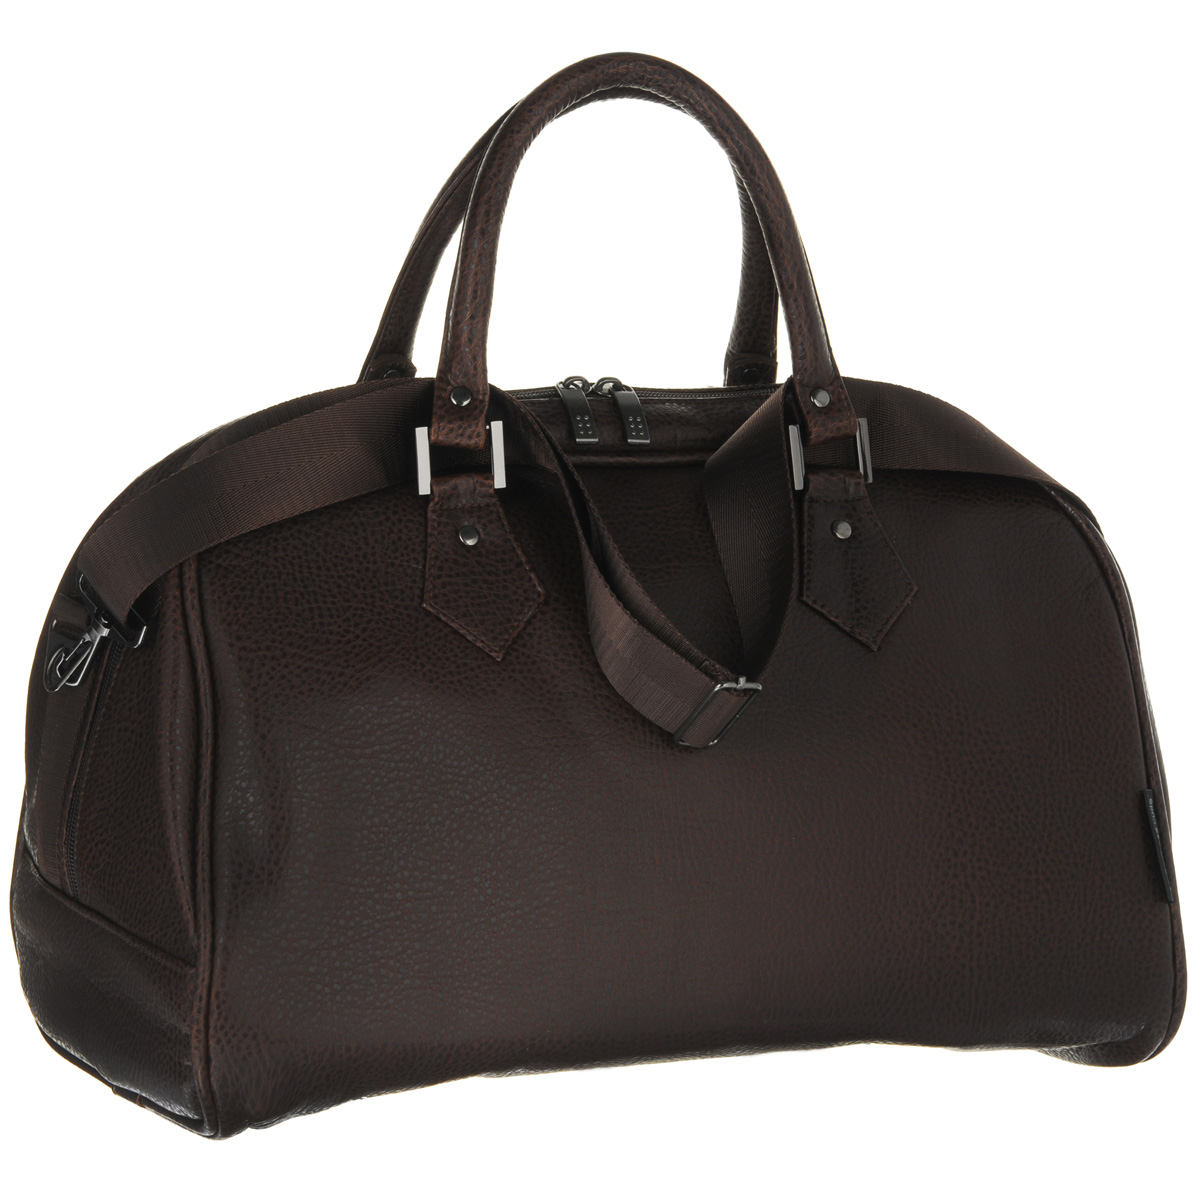 Сумка дорожная Antan, цвет: коричневый. 2-137 В дорожная сумка купить в интернет магазине